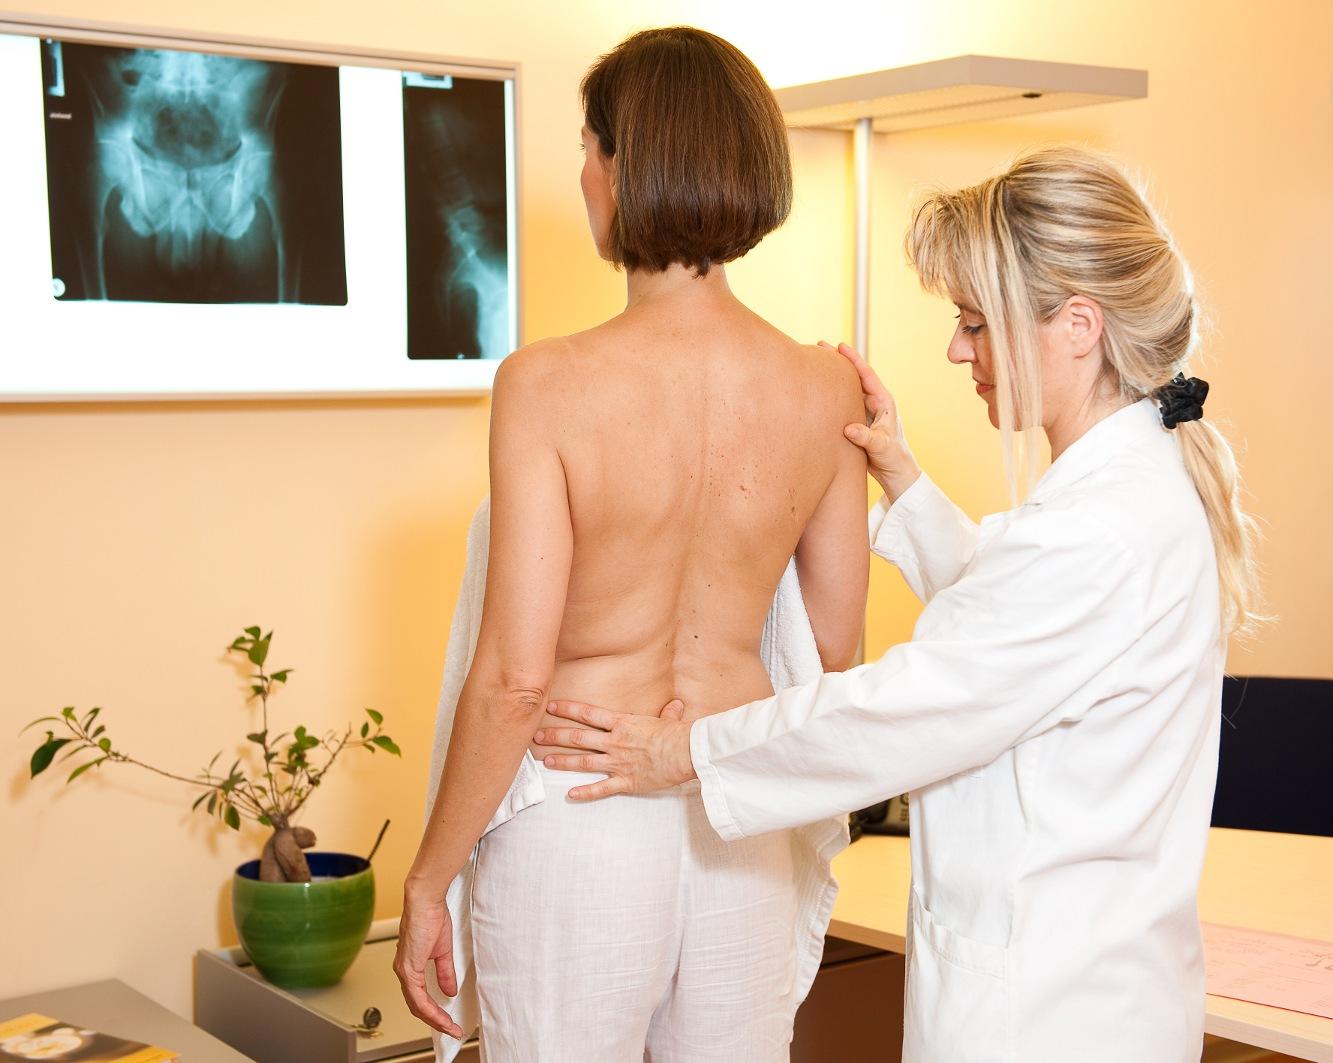 Radontherapie bei osteoporse